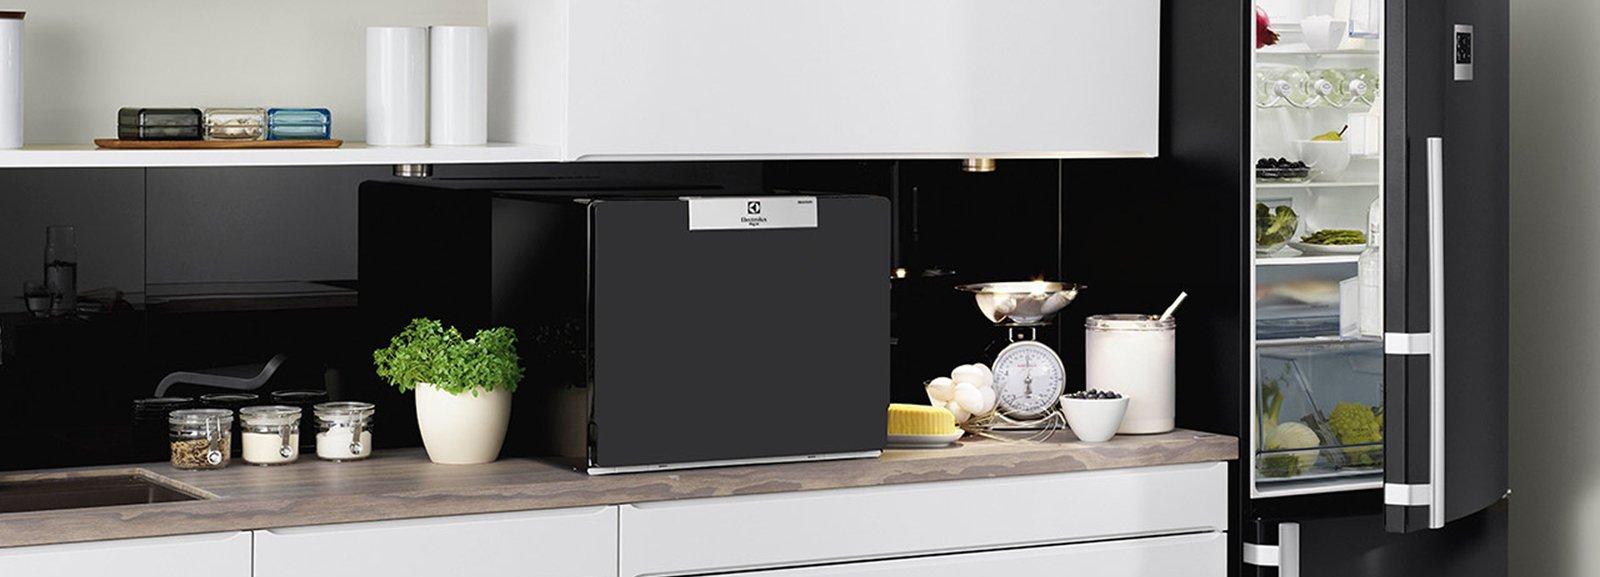 Elettrodomestici piccoli per risparmiare spazio cose di casa - Porta per lavastoviglie da incasso ...